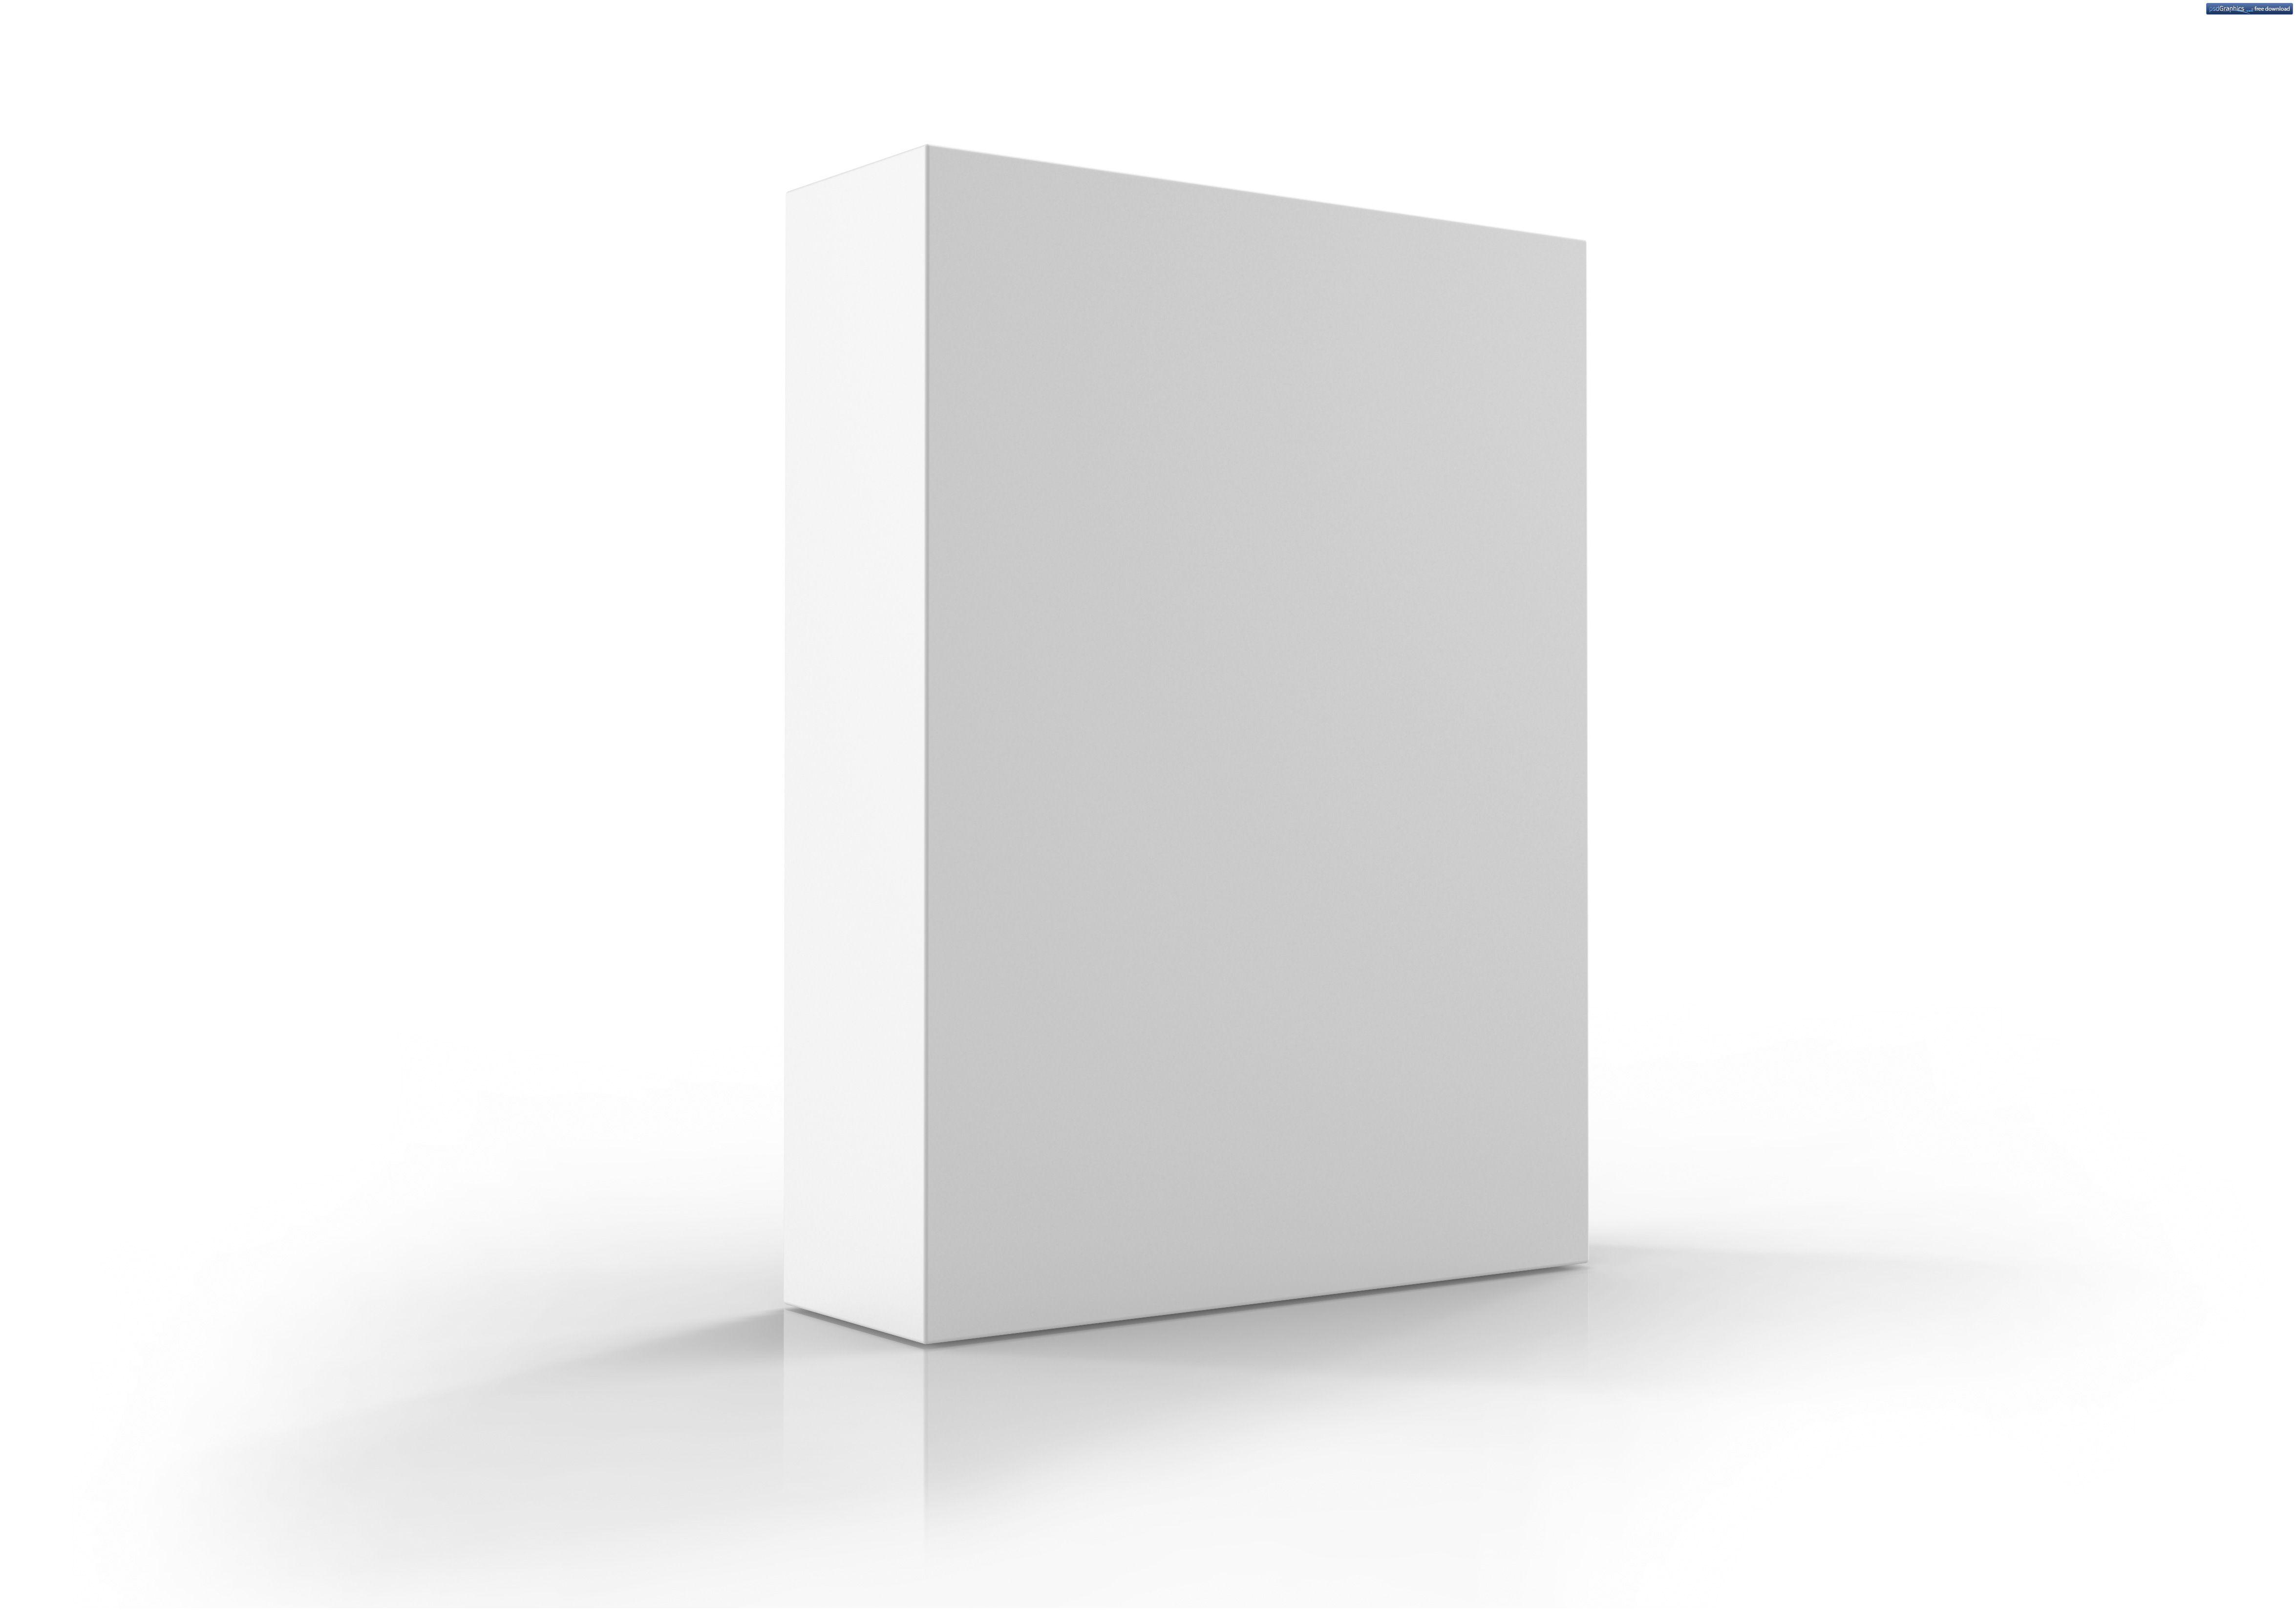 Product Box Template Yolarnetonic